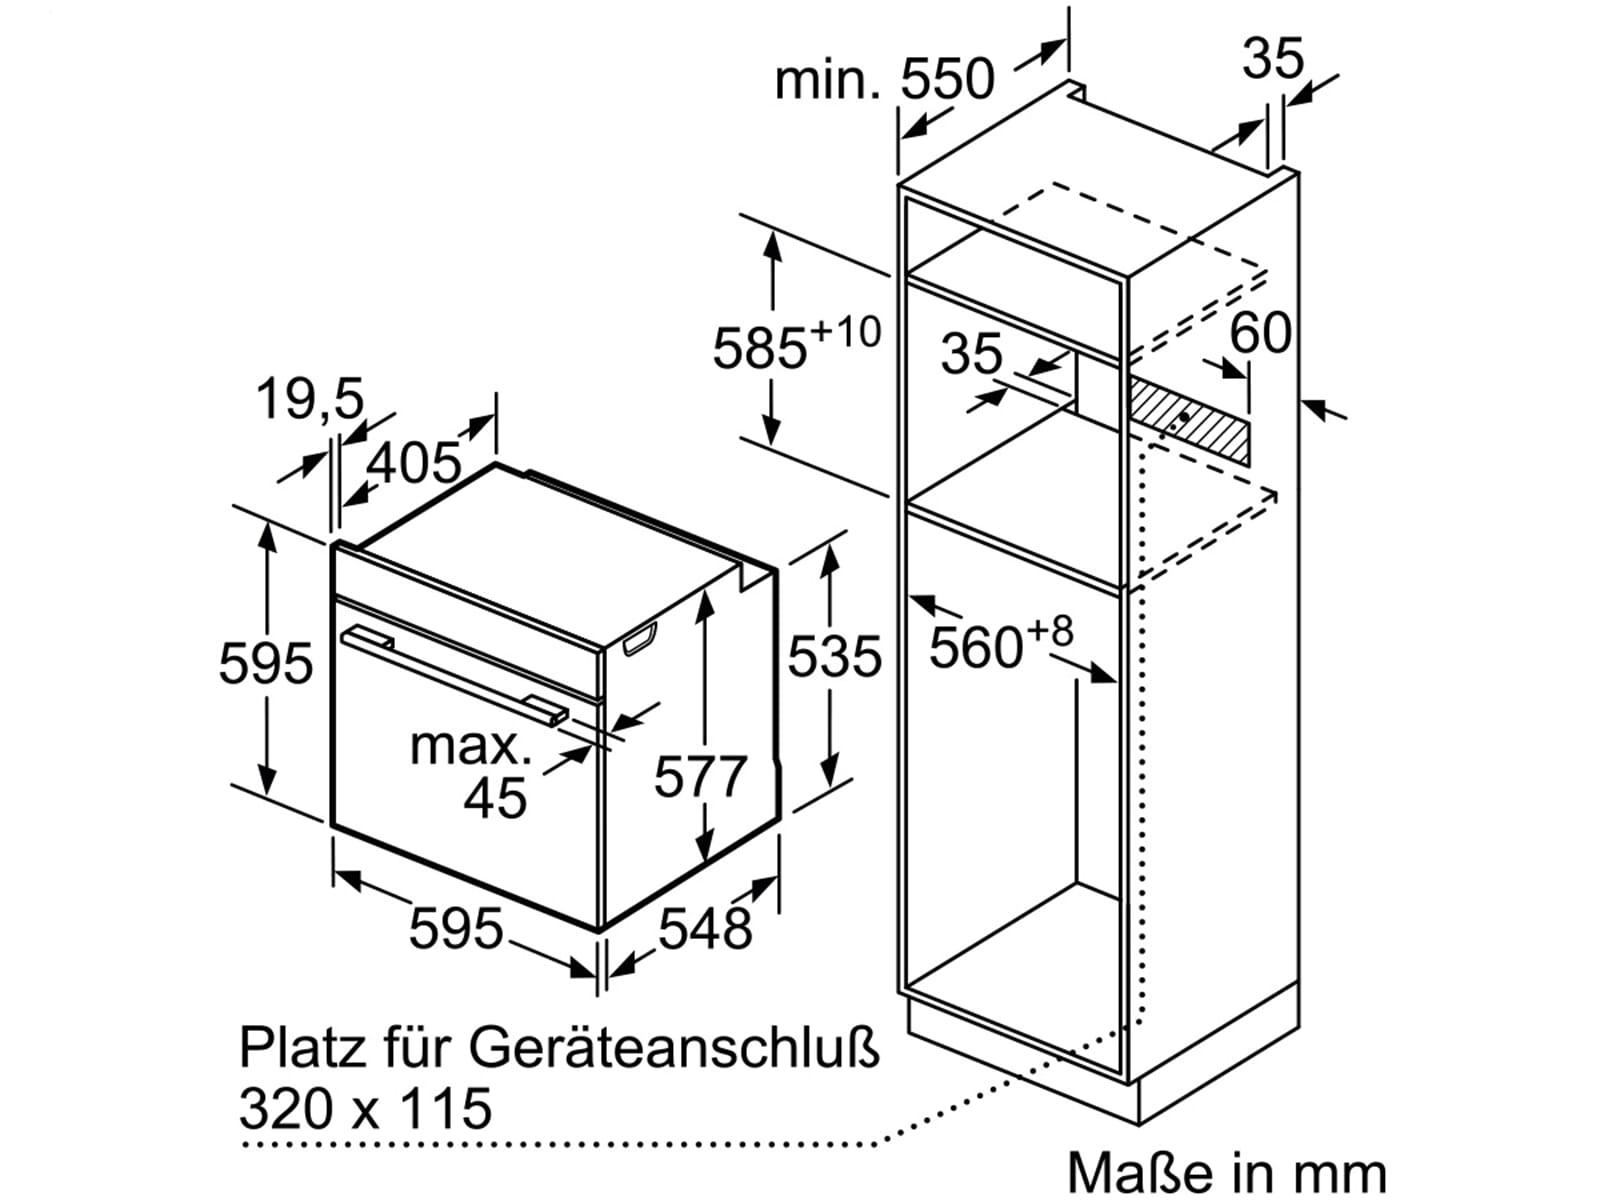 siemens hs636gds1 dampfgar backofen edelstahl schwarz. Black Bedroom Furniture Sets. Home Design Ideas